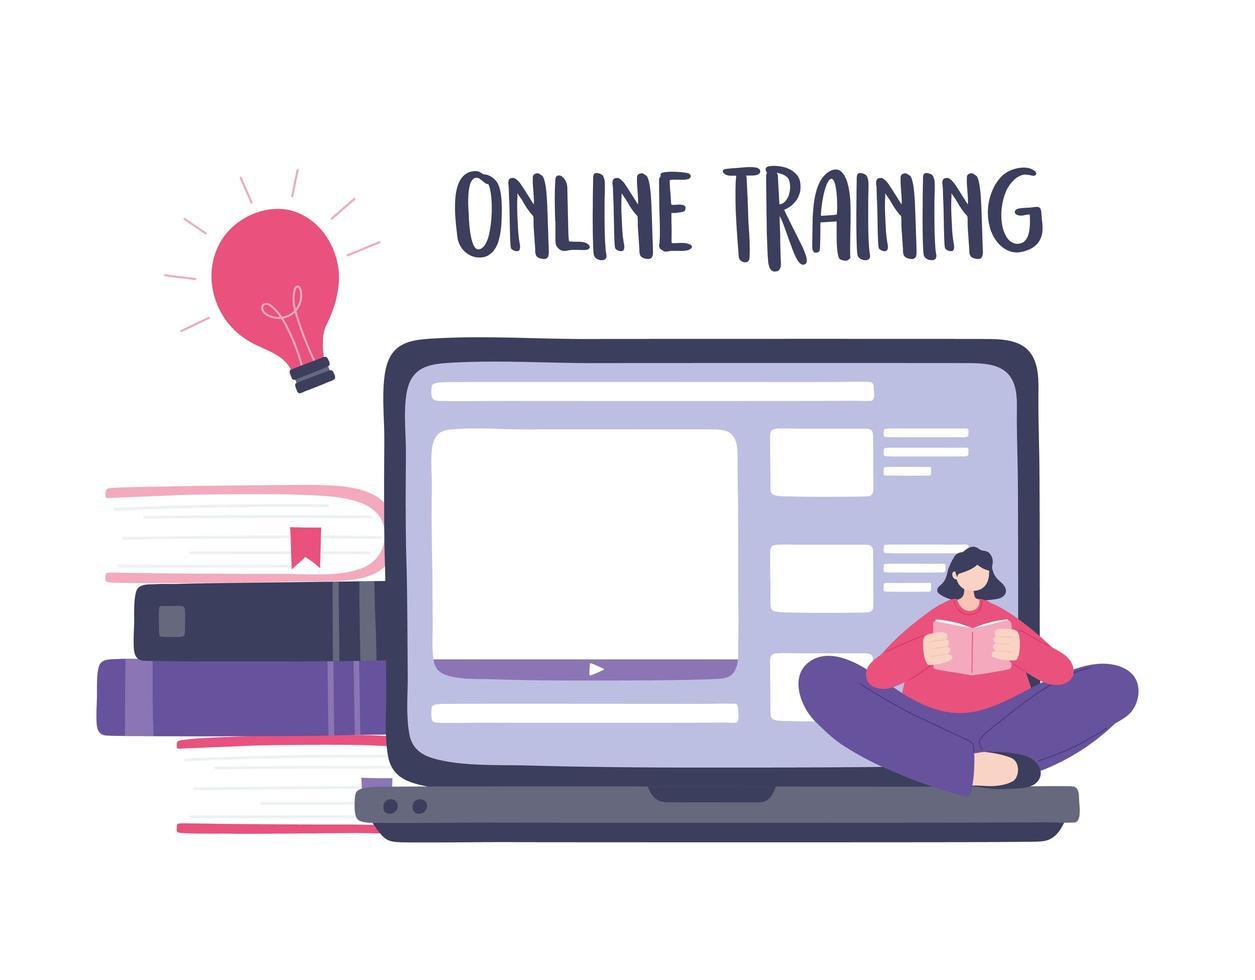 treinamento online com garota lendo um livro sobre conteúdo de laptop vetor